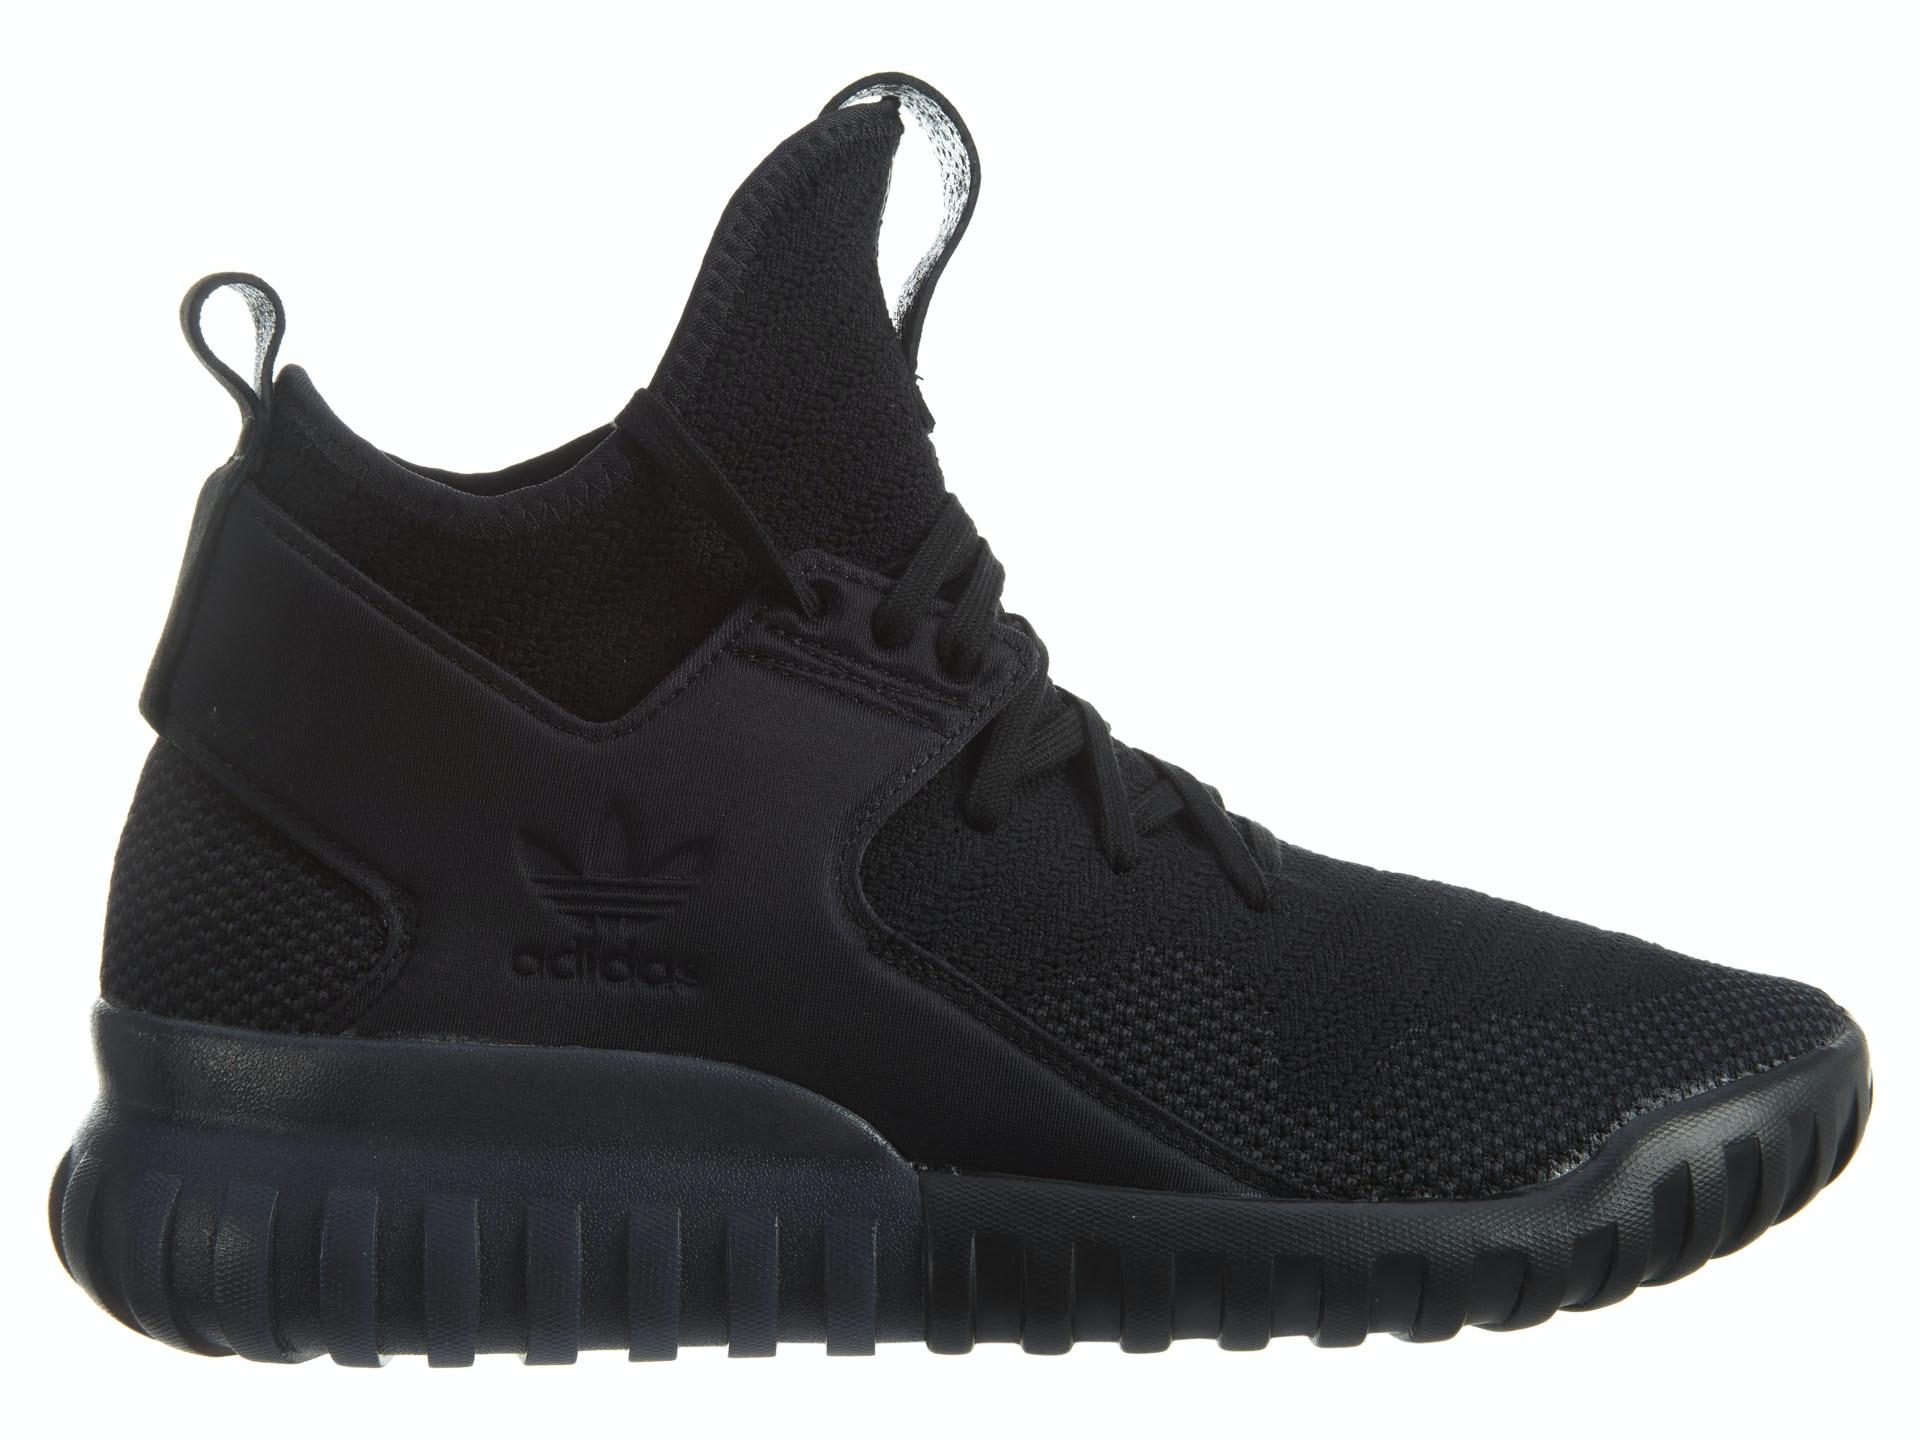 adidas Tubular X Pk Black/Dark Grey/Black